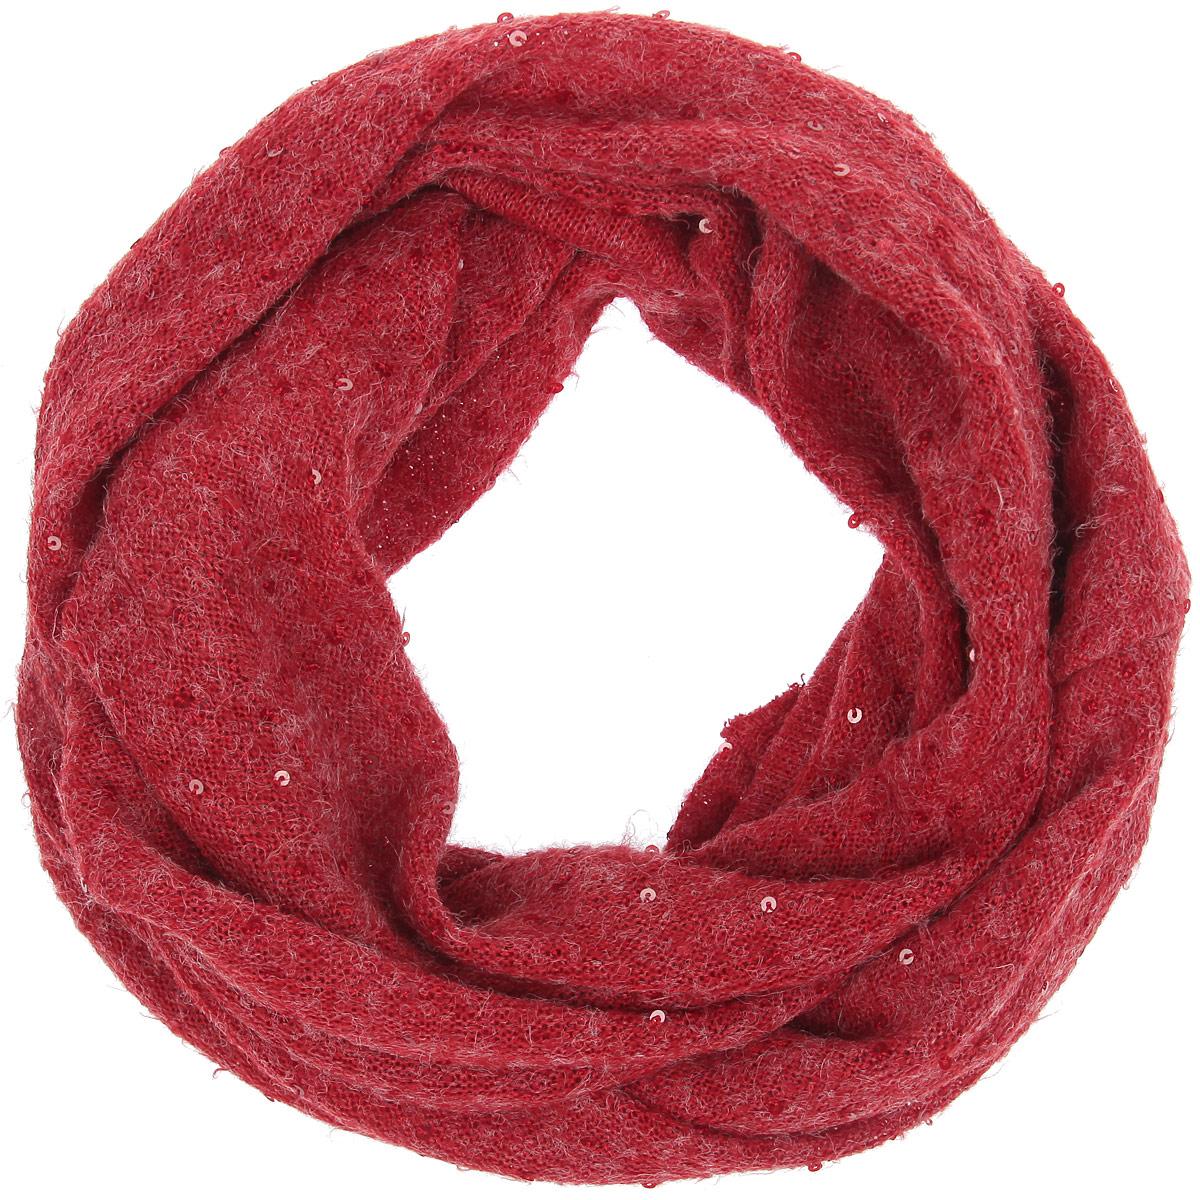 Снуд-хомутLSL33-315Уютный среднего размера шарф-снуд Labbra создан подчеркнуть ваш неординарный вкус и согреть вас в прохладное время года. Шерсть с вискозой - идеальное сочетание для снуда. Модель отличается вкраплениями паеток, невероятной легкостью и мягкостью. Красивый шарф-кольцо отлично сочетается с любой нарядной одеждой. Такой предмет гардероба не только хорошо работает на создание модного образа, но и согревает в непогоду.